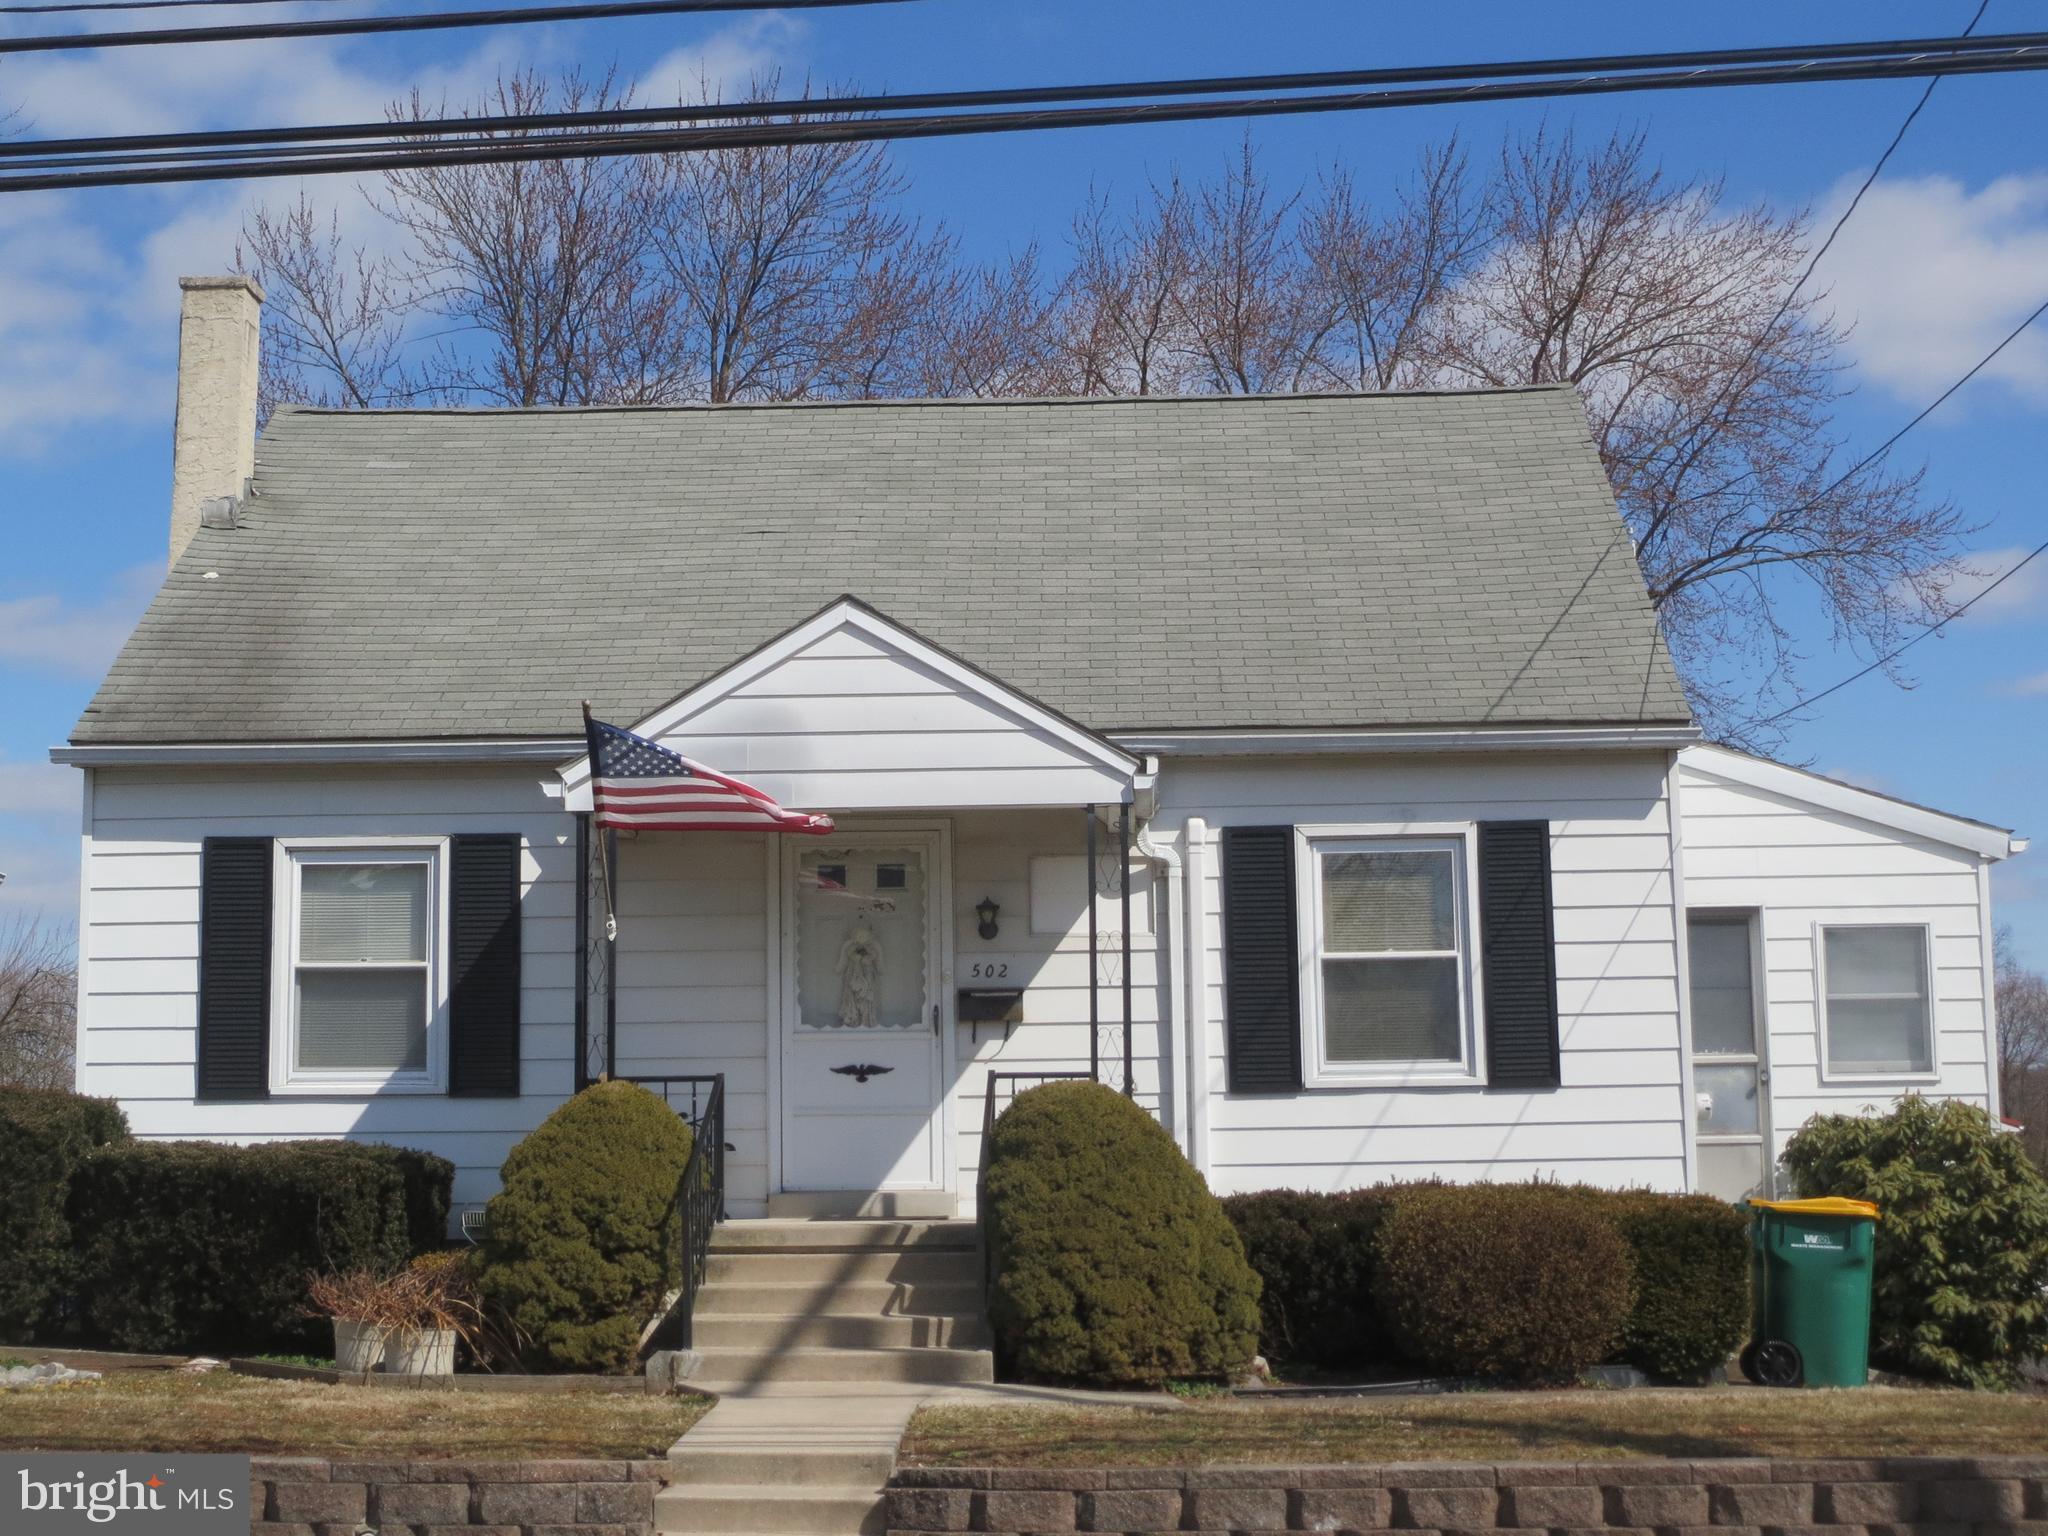 502 ADAMS STREET, RED HILL, PA 18076